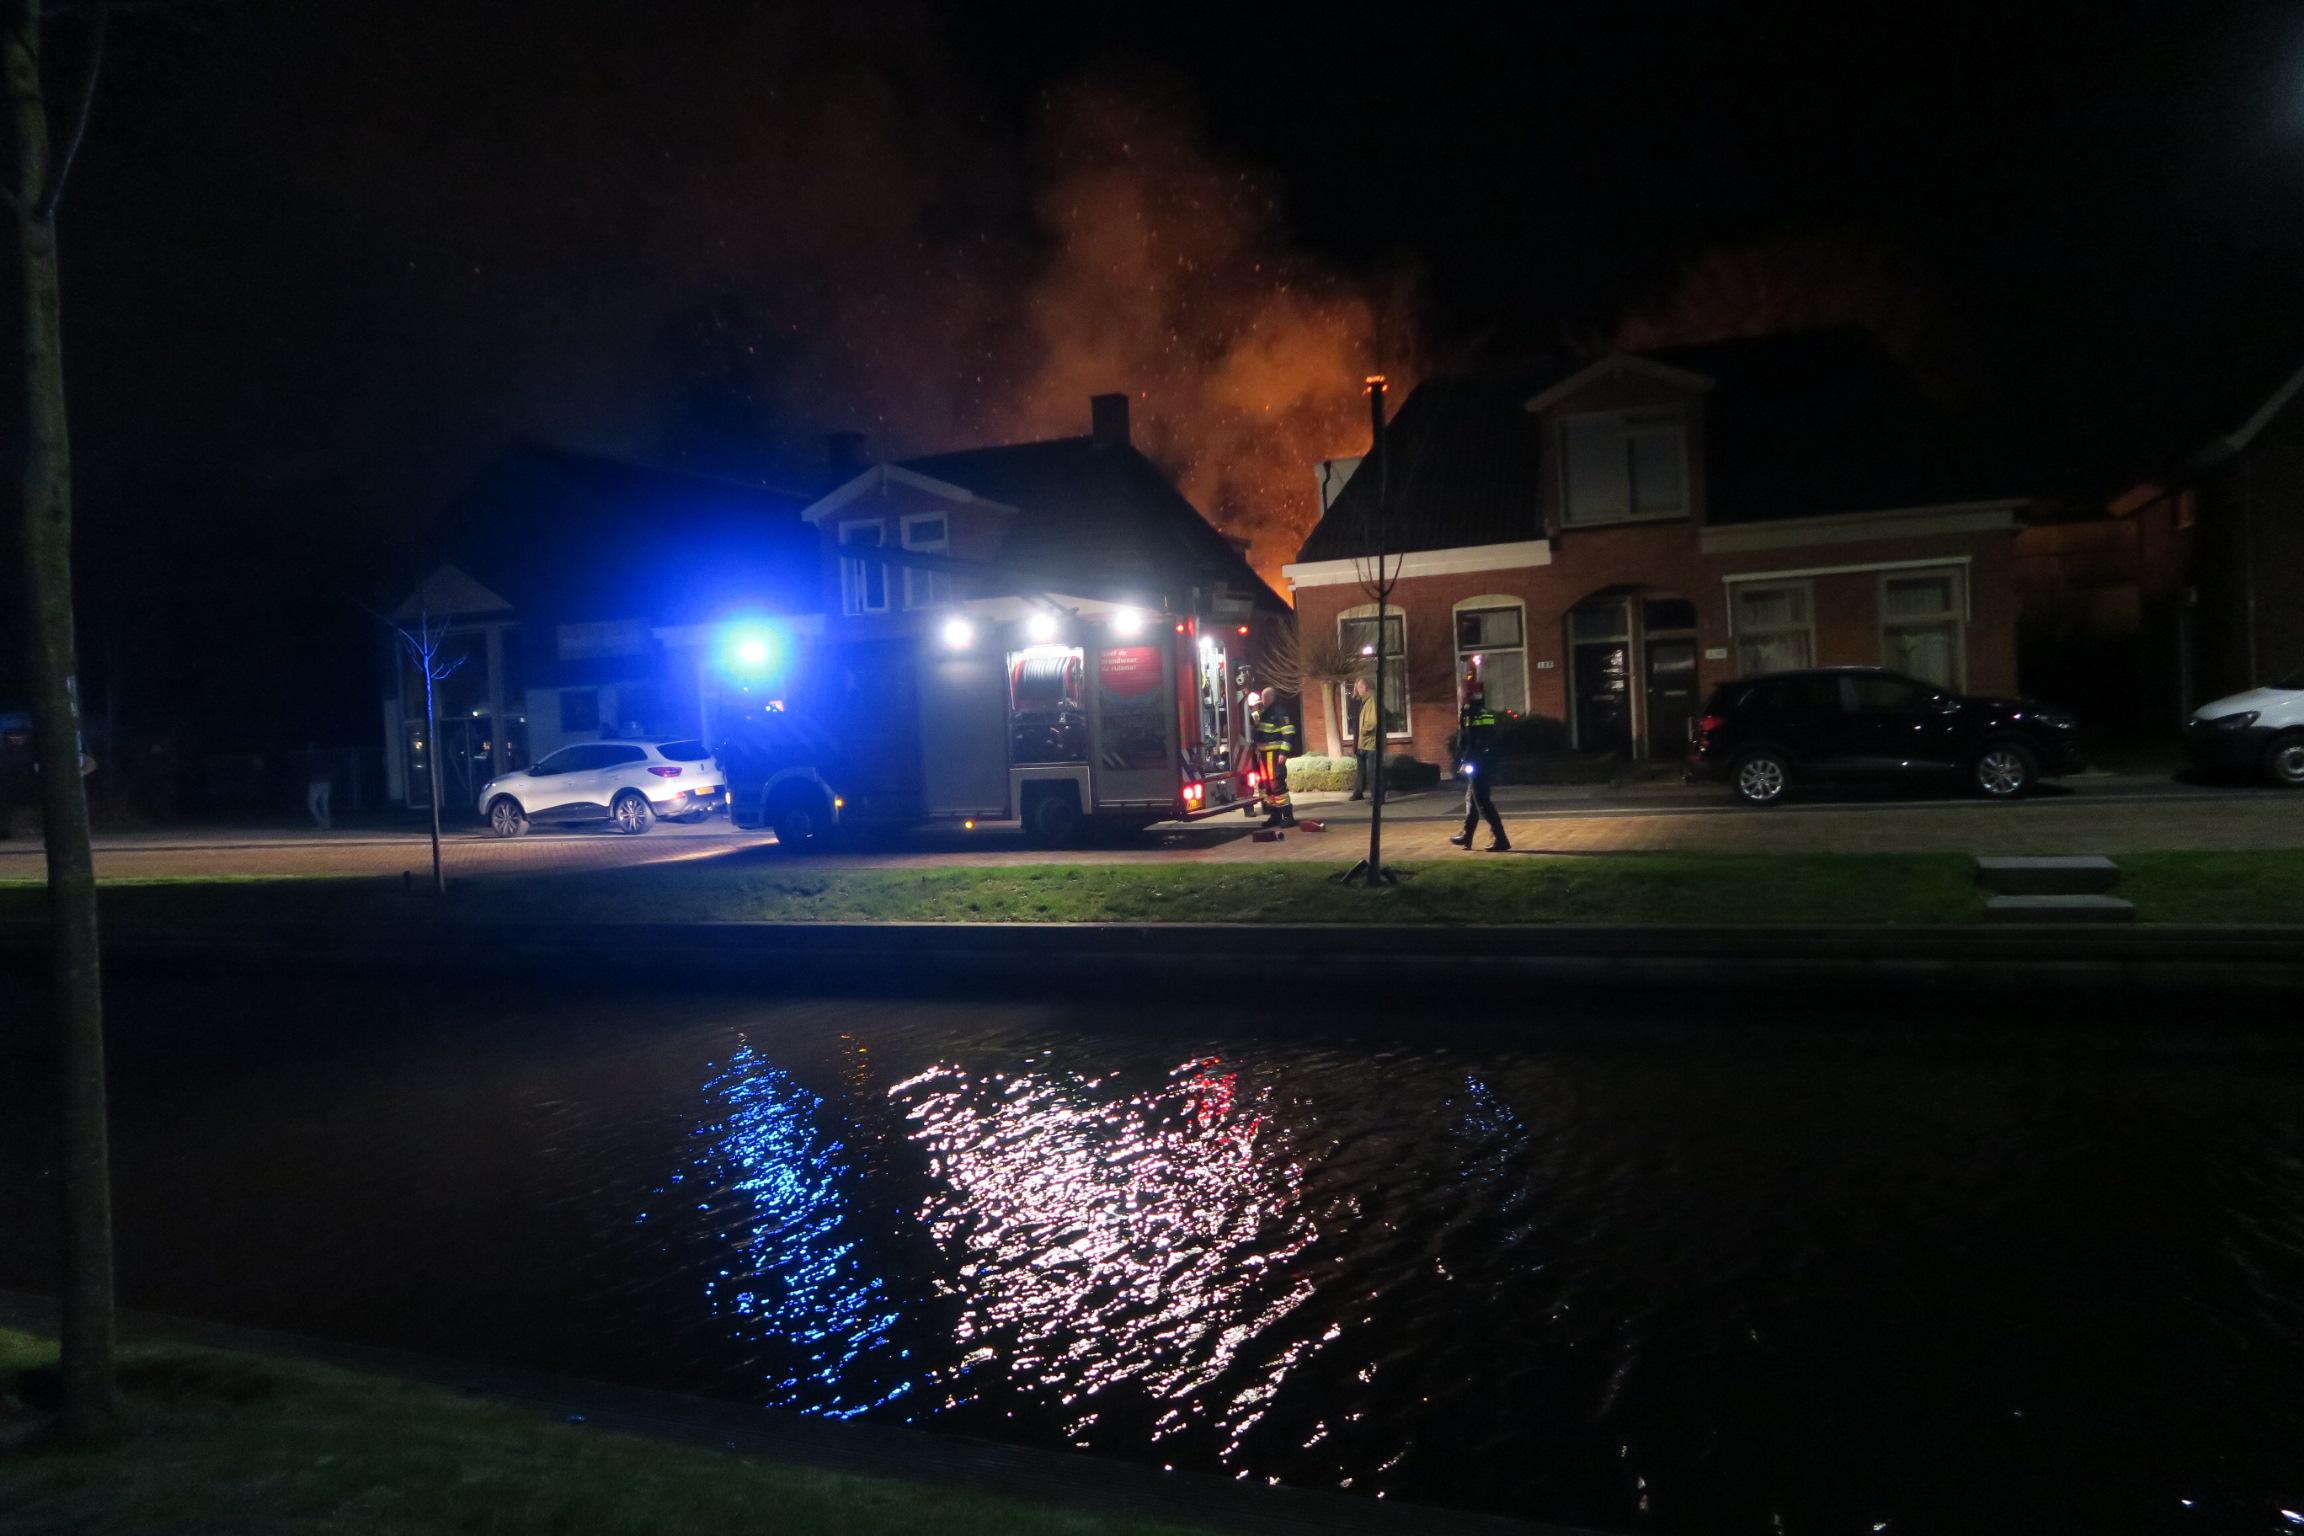 Video Flinke knal bij Uitslaande schuur brand in Drachten